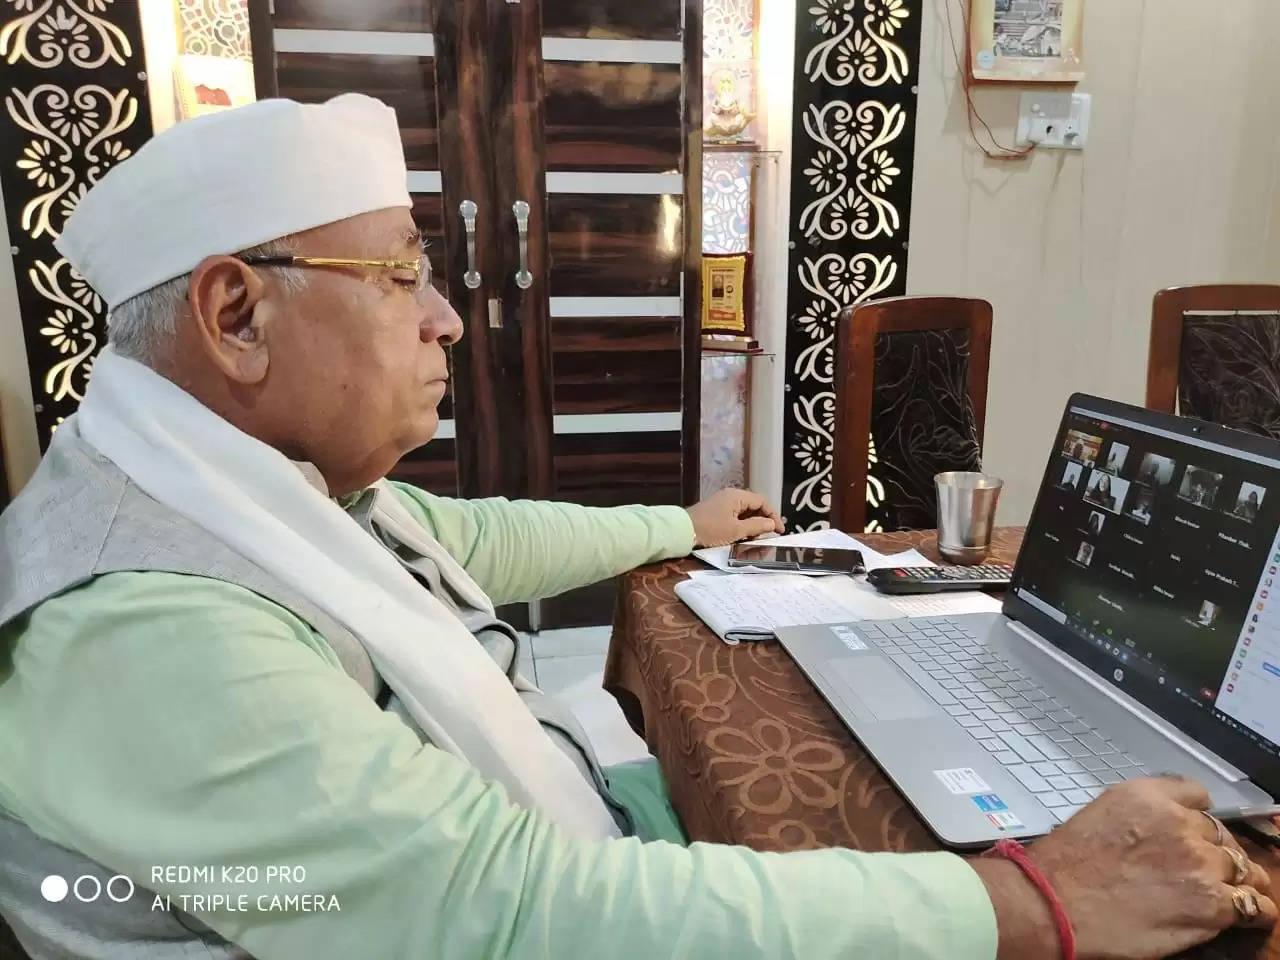 उप्र सिंधी अकादमी सिंधी शिक्षकों को कर रही पुरस्कृत : नानक चंद लखमानी